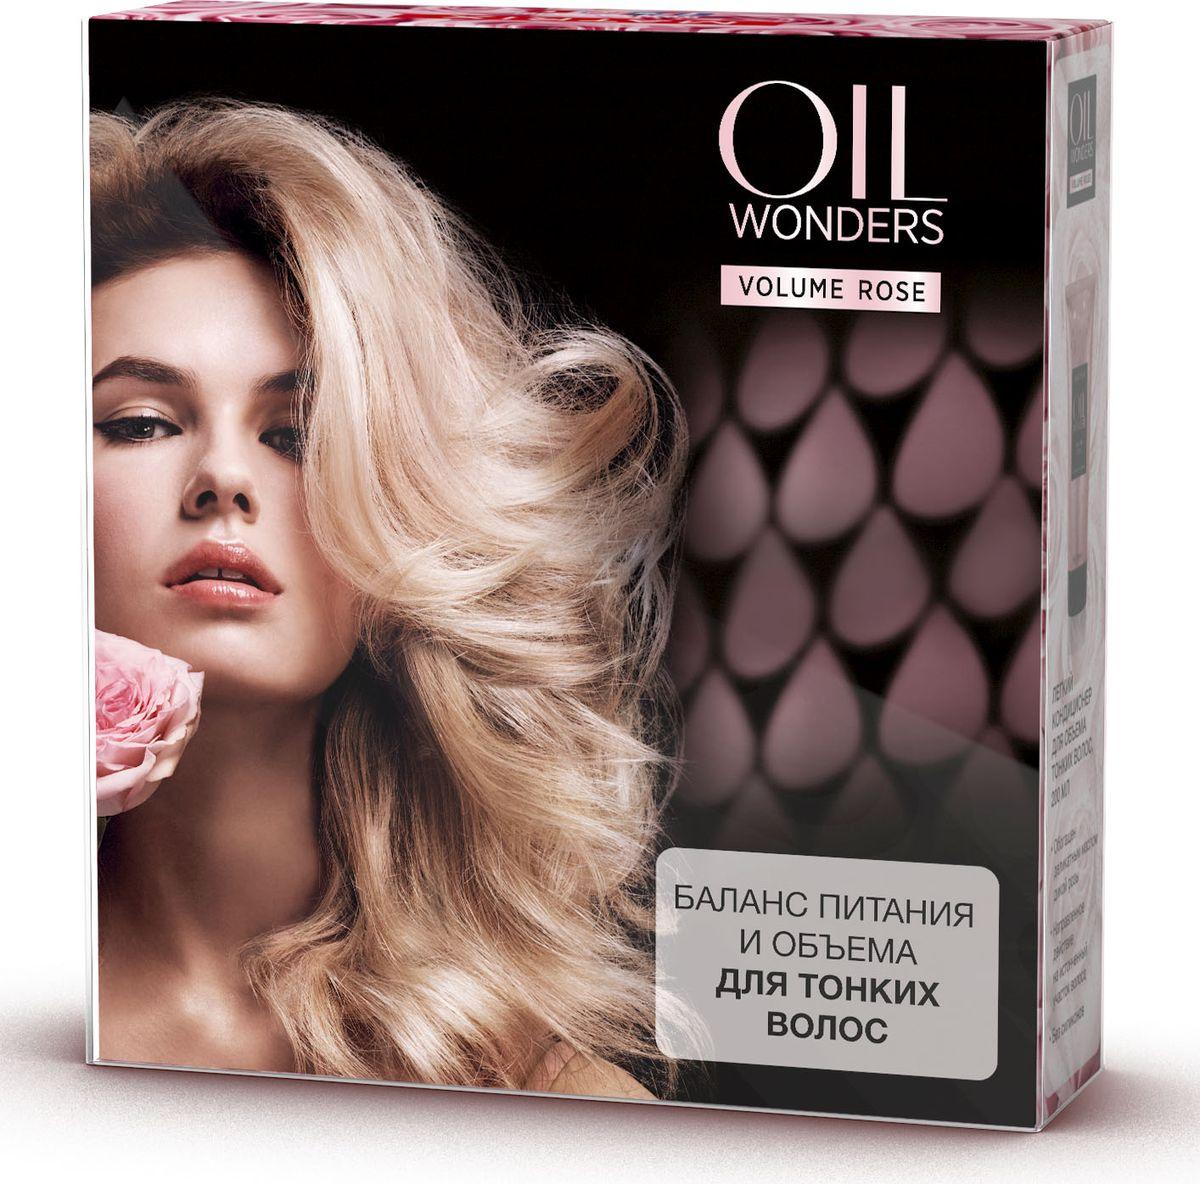 Matrix Набор Oil Wonders Volume RoseURU05030Подарочный набор. Состав шампунь + кондиционер Oil Wonders Volume Rose для объема тонких волос.